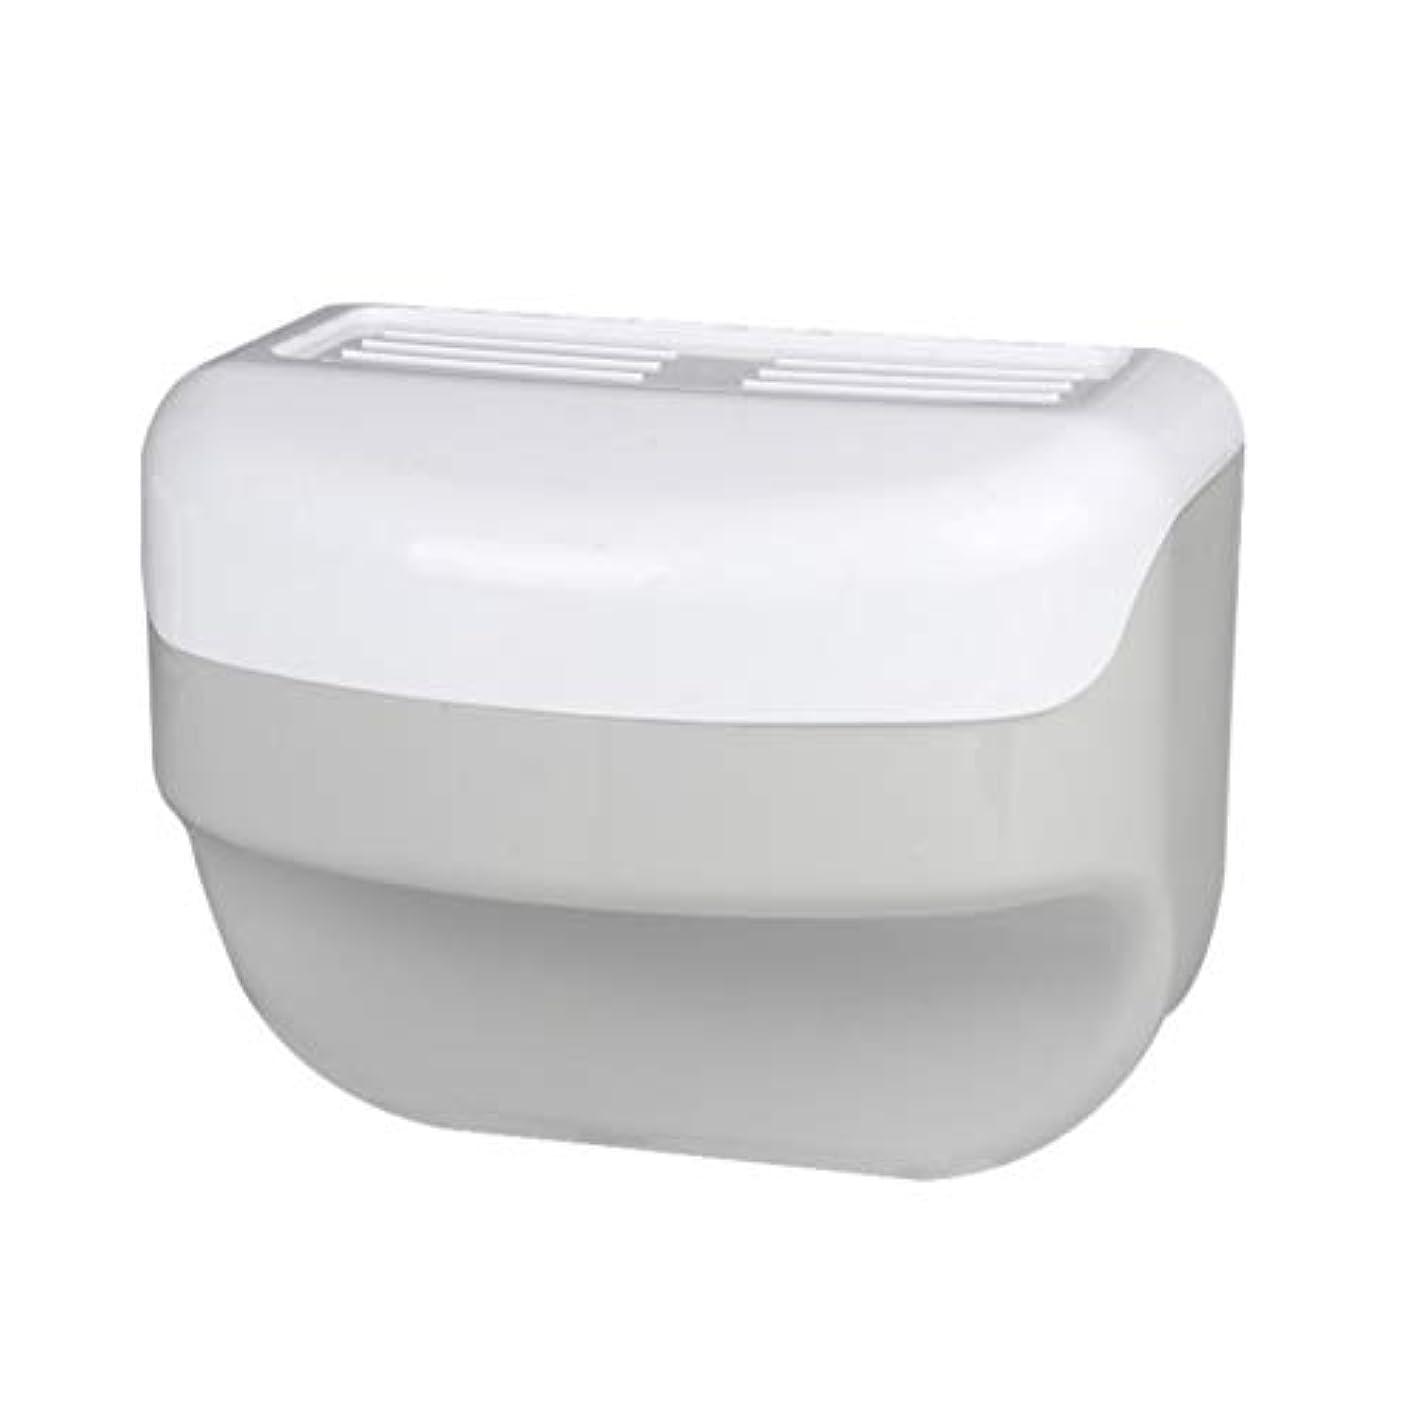 革命的教科書前売TOPBATHY 浴室トイレティッシュボックスラック壁吸盤ロールホルダーフリー掘削ネイルフリーティッシュボックス